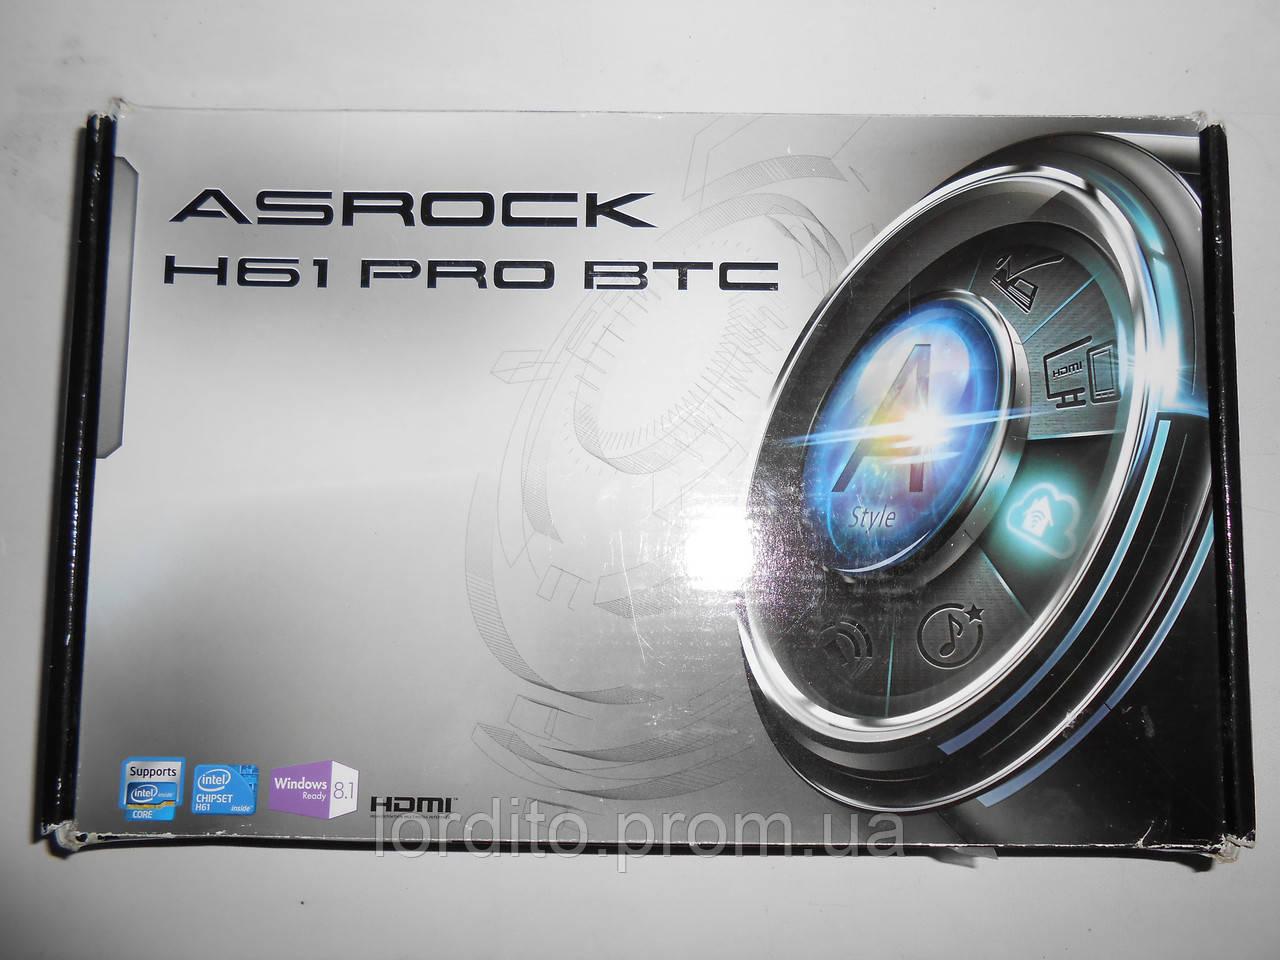 asrock h61 pro btc preț